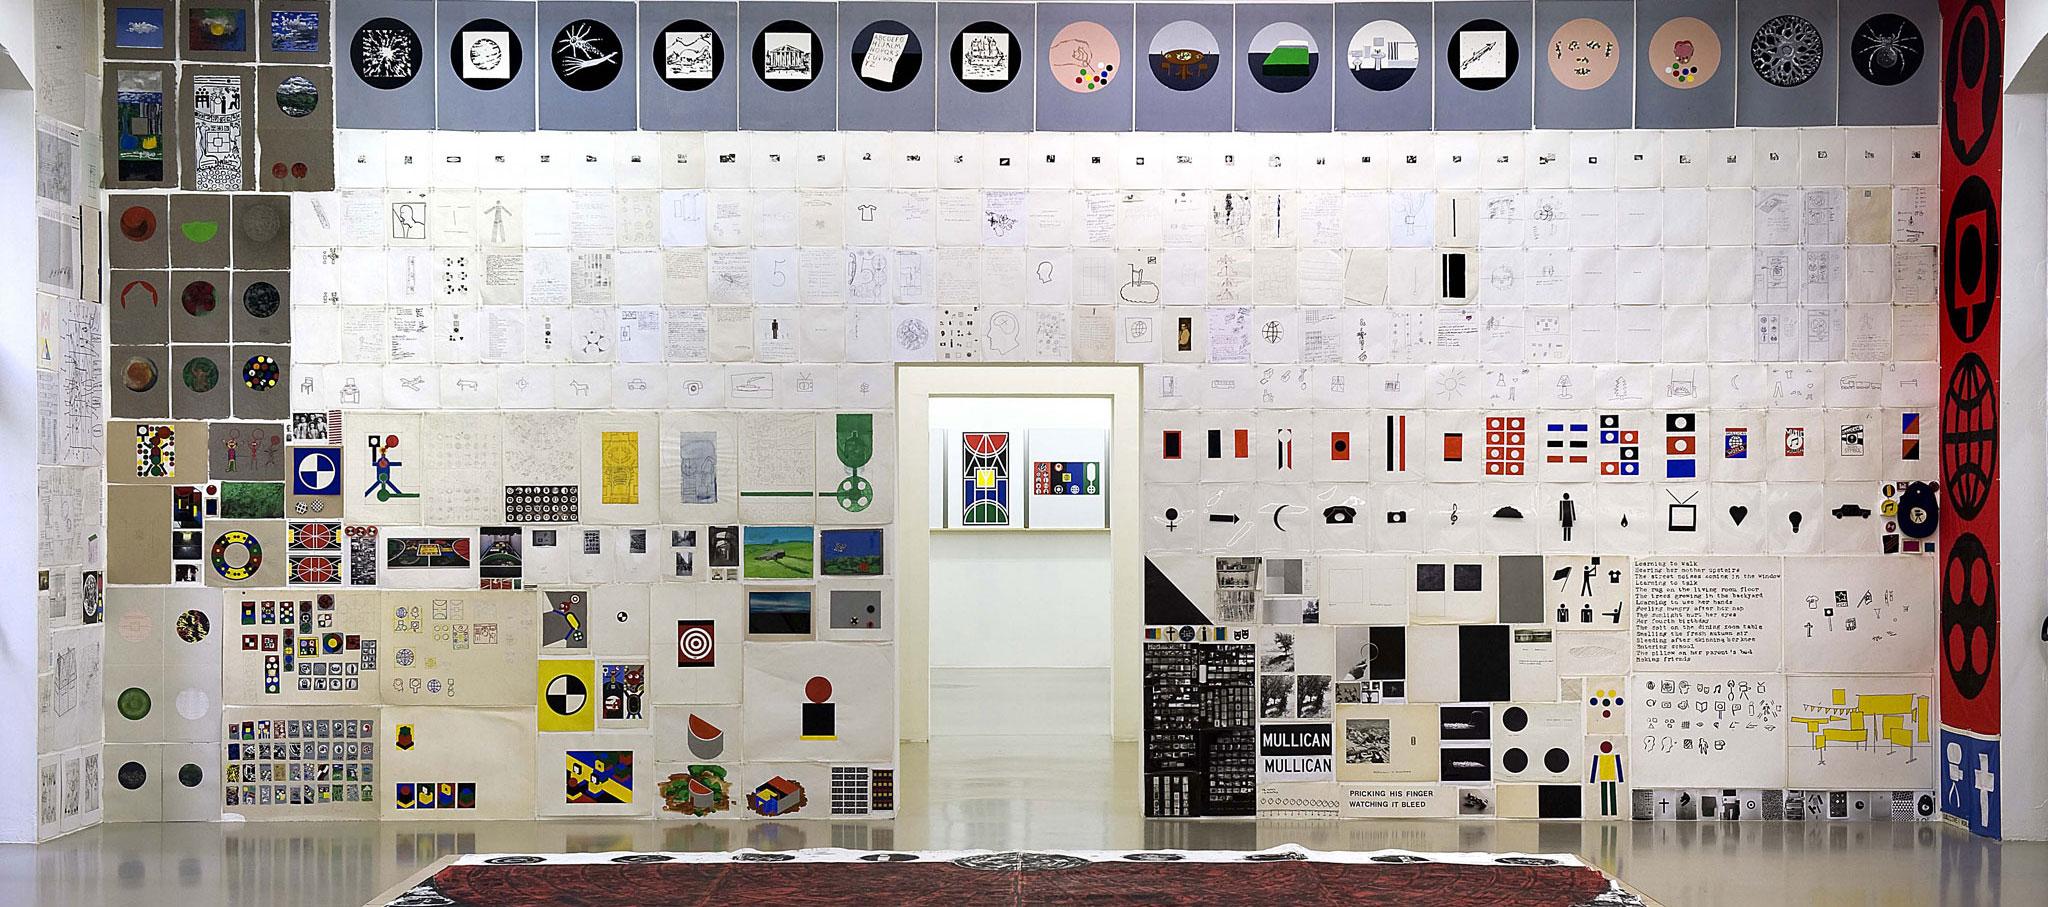 """Vista de la exposición, """"12 por 2"""", Institut d'Art Contemporain, Villeurbanne/Rhône-Alpes, 2010. Courtesía del artista y Mai 36 Galerie, Zurich. Fotografía por Blaise Adilon"""